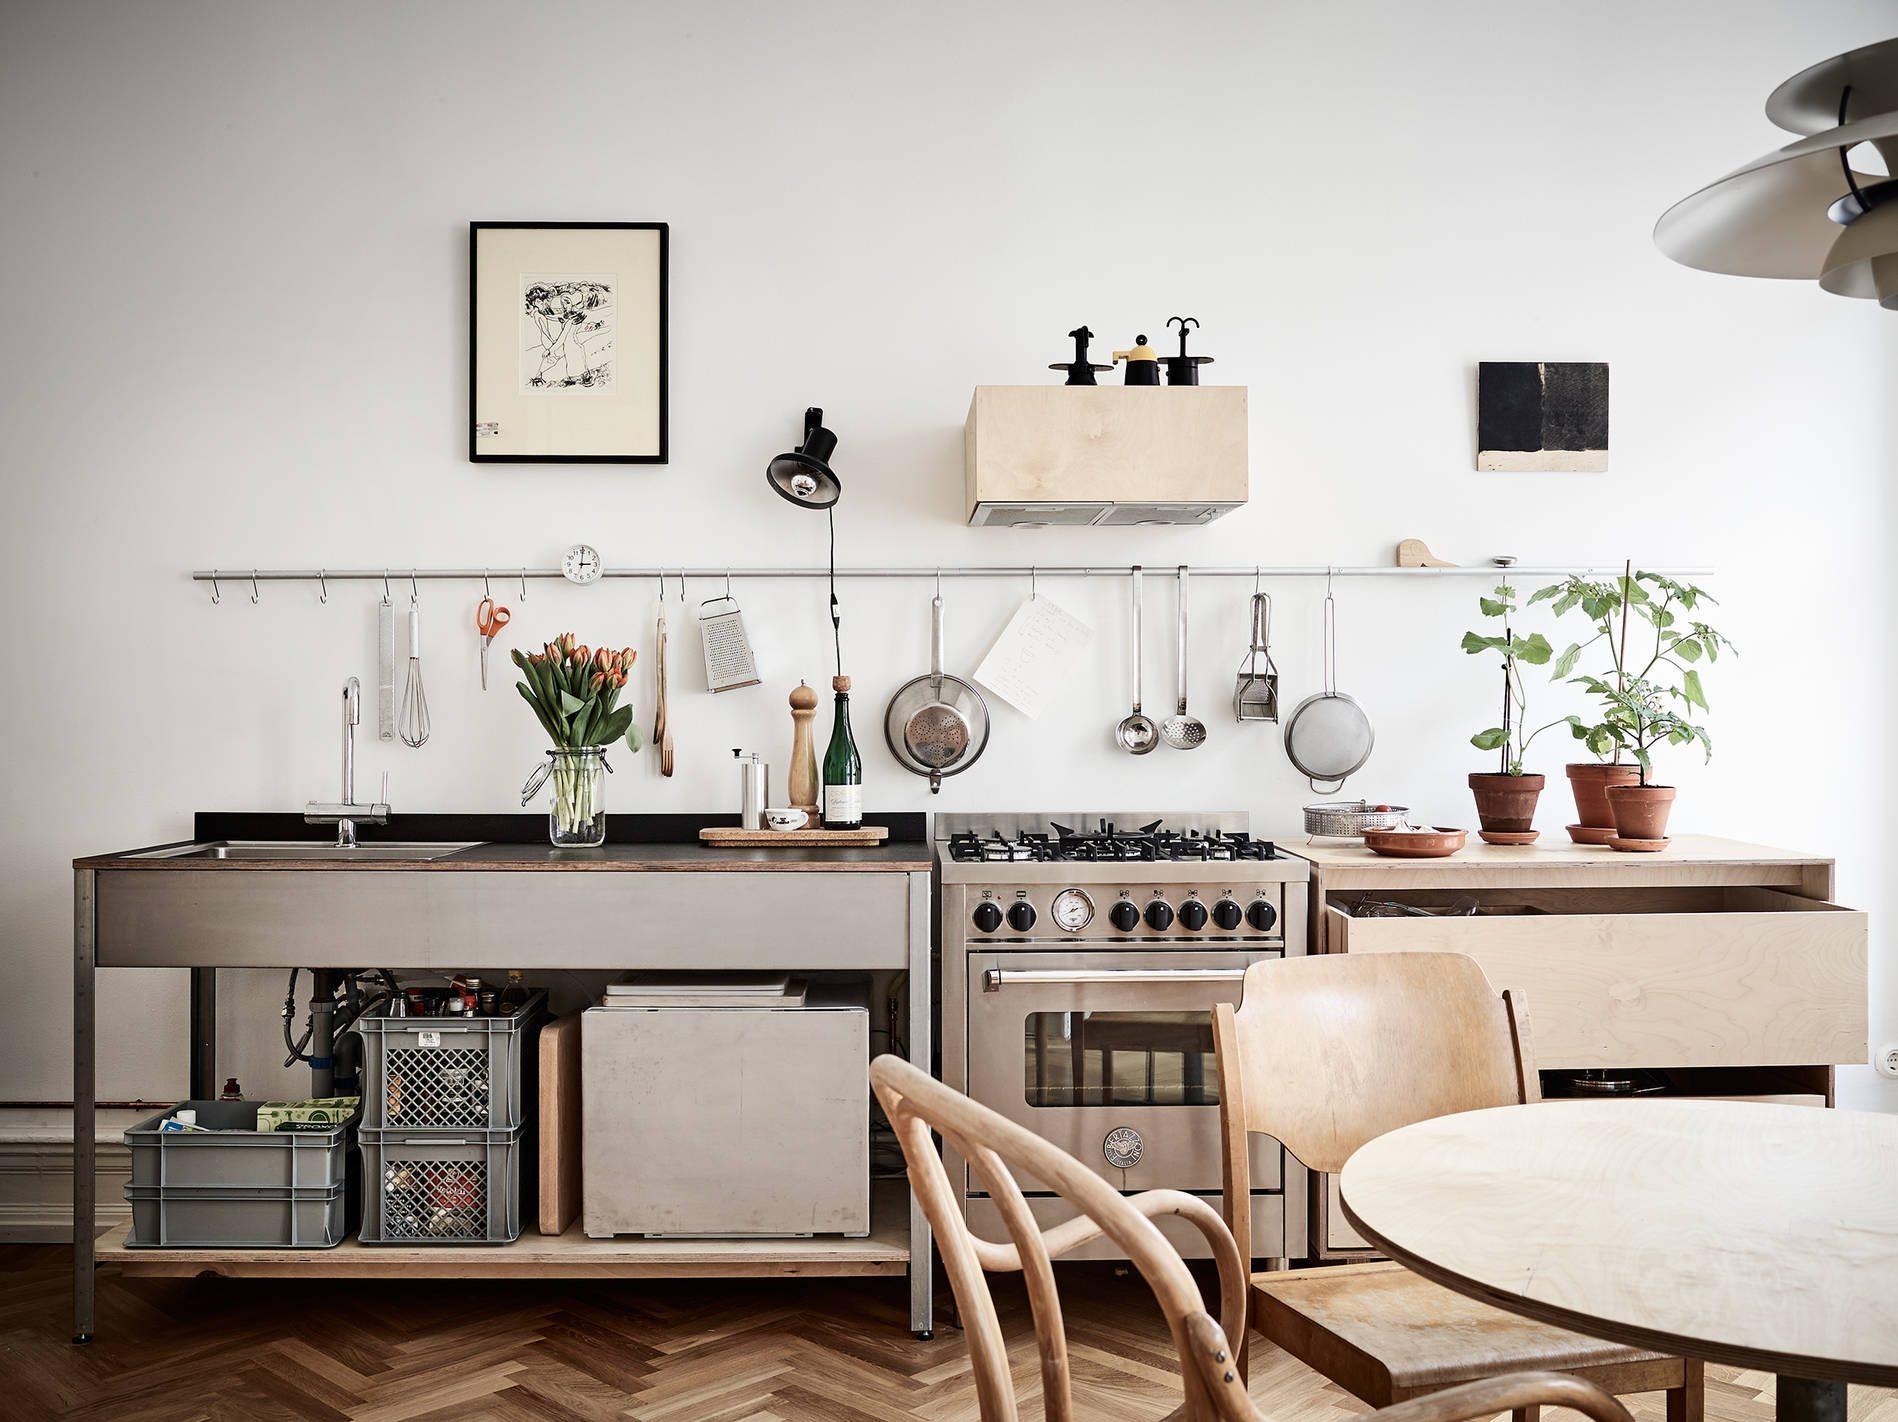 Tavla i köket – Husligheter